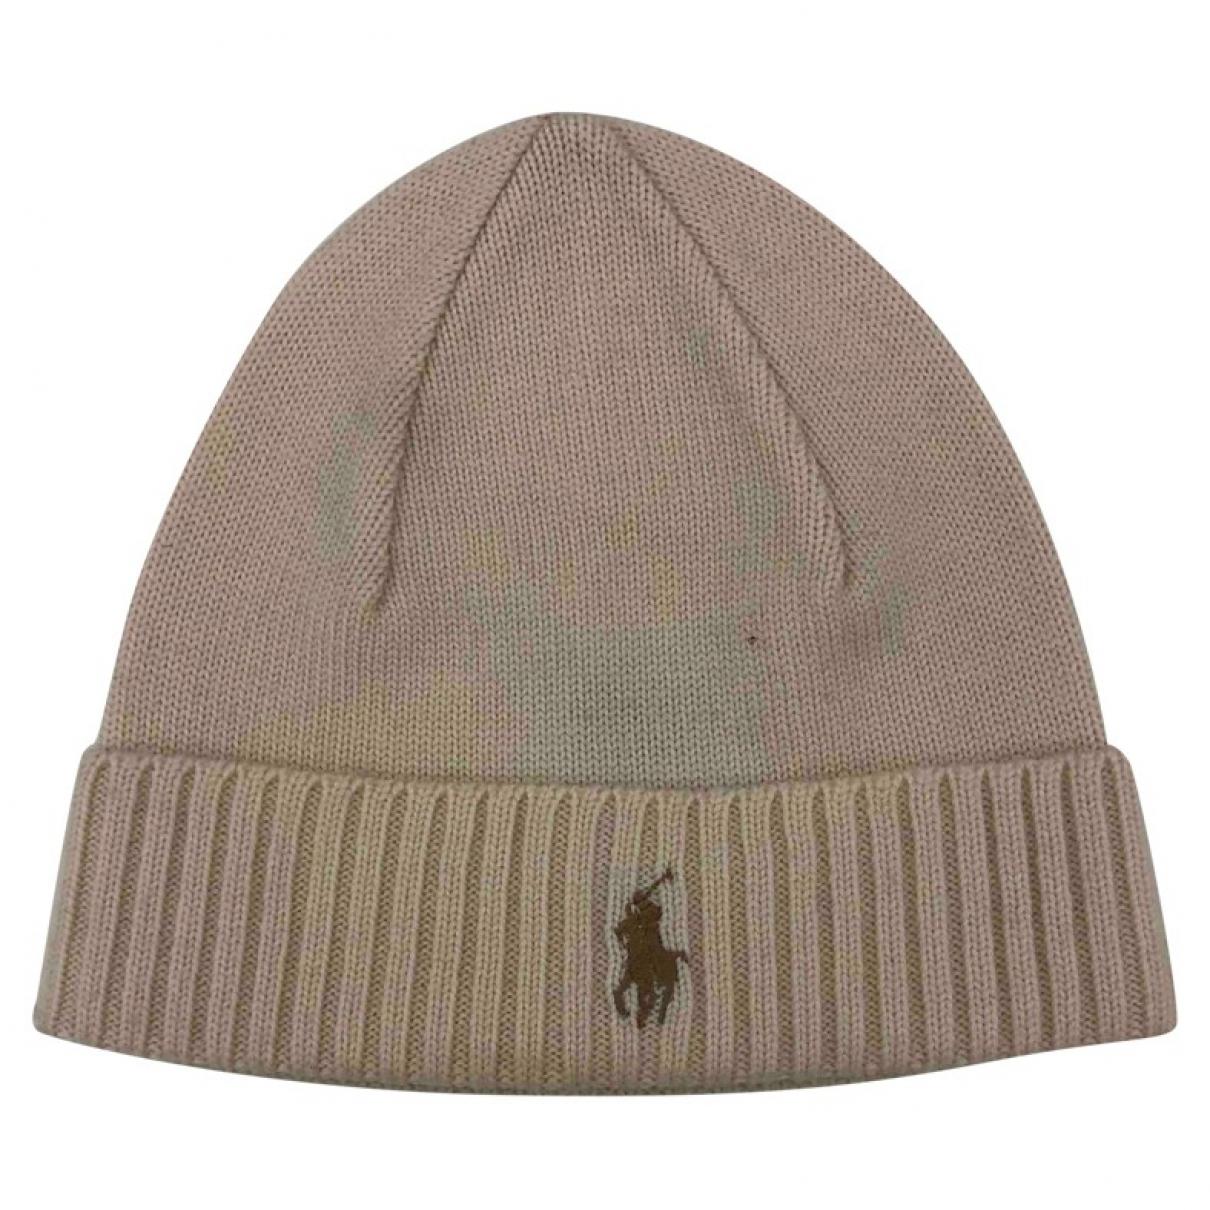 Polo Ralph Lauren \N White Wool hat & pull on hat for Men M International